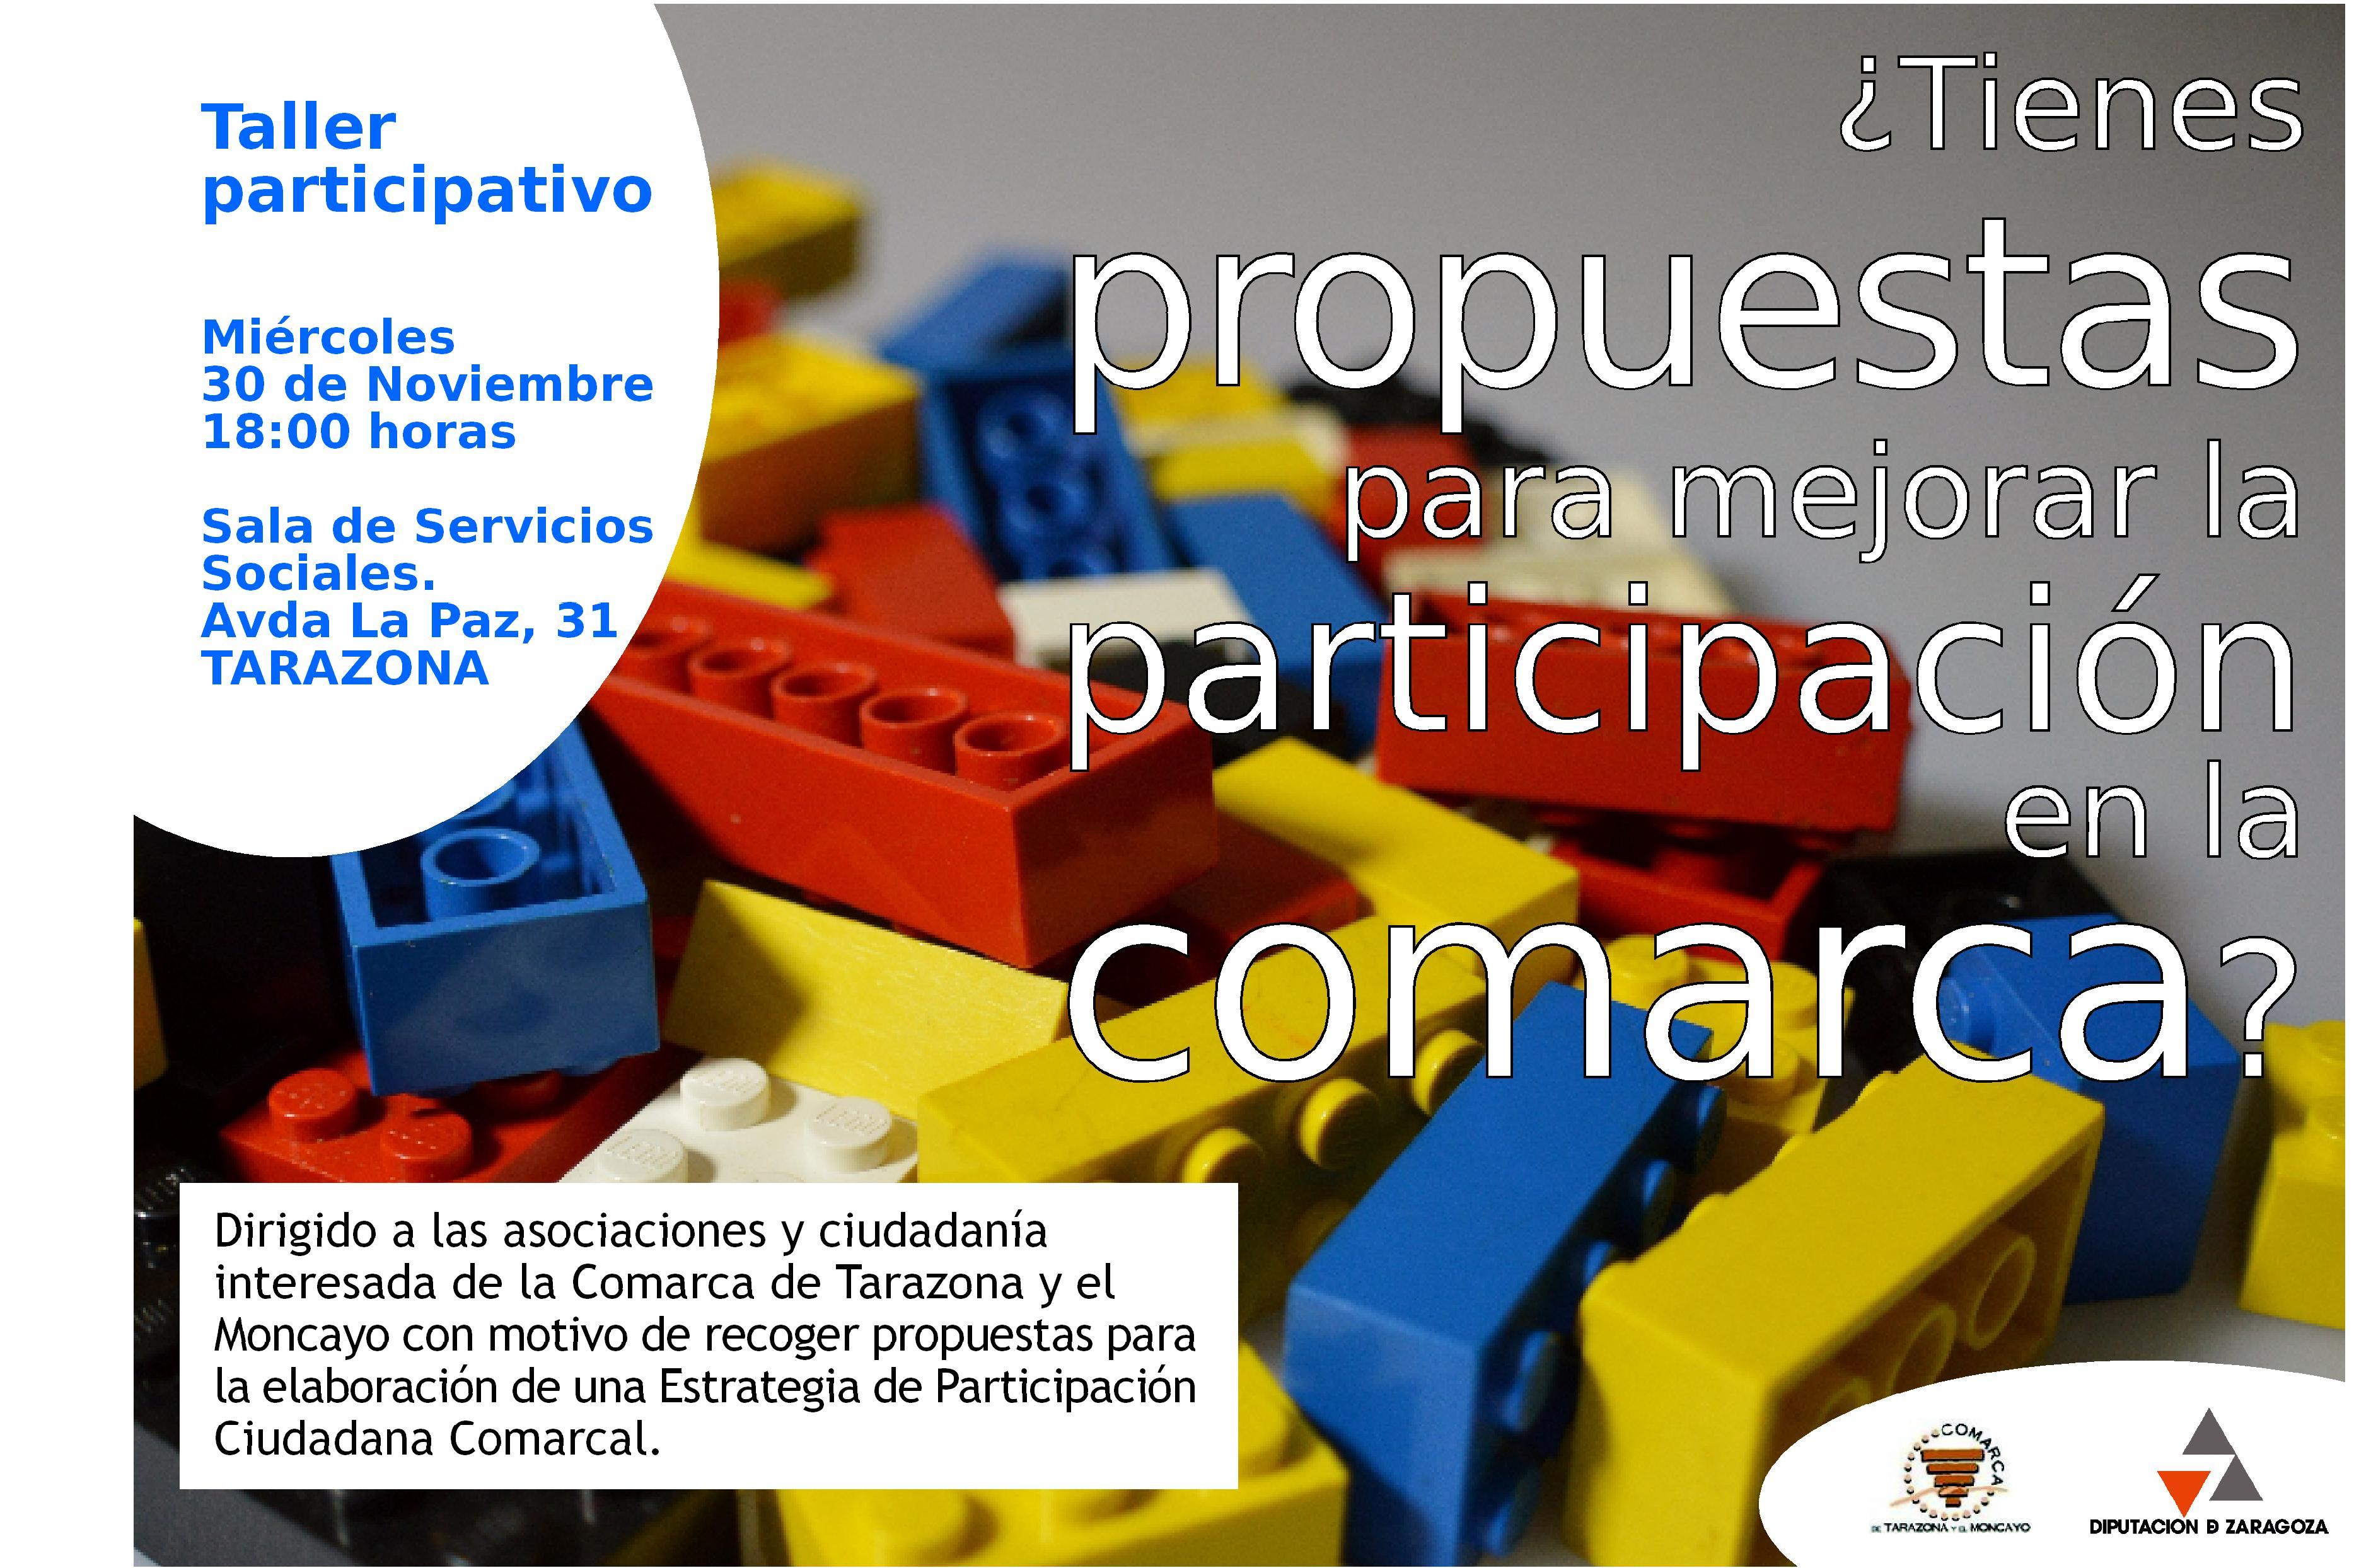 2016 participacion tallerparticipativo cartel